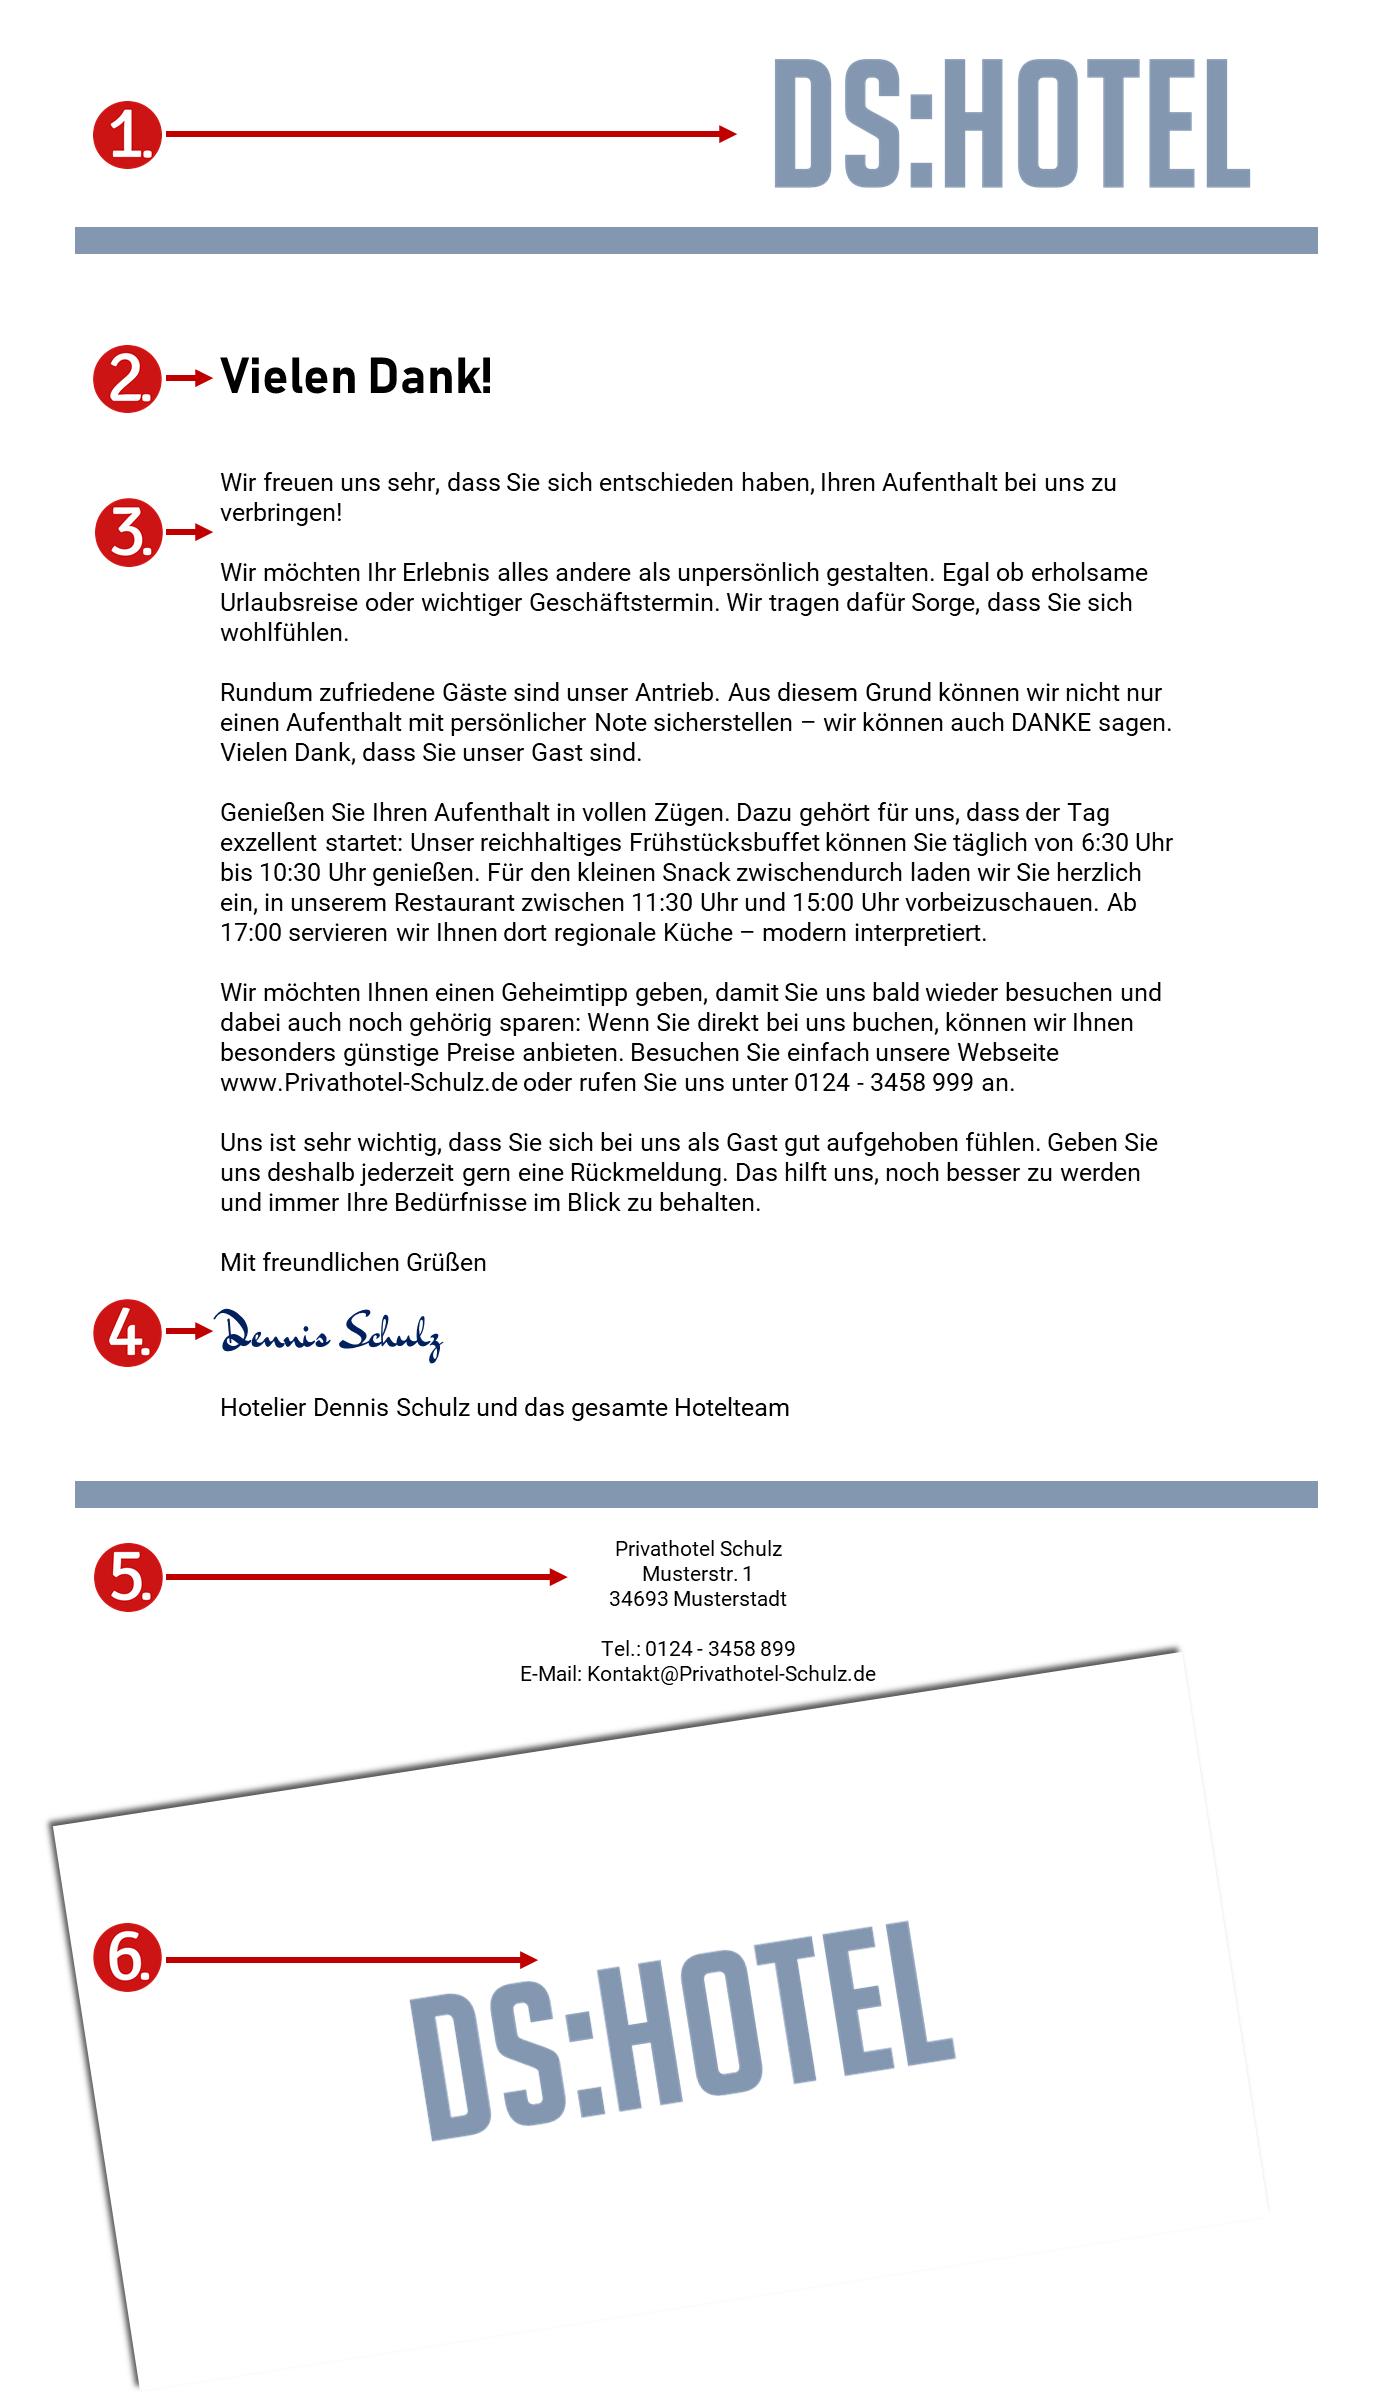 [Gewerbekunden] Kundenbriefe (Anschreiben + bedruckter Umschlag) designen und zugesendet bekommen für 0,29 € brutto (min. 500 Stück)